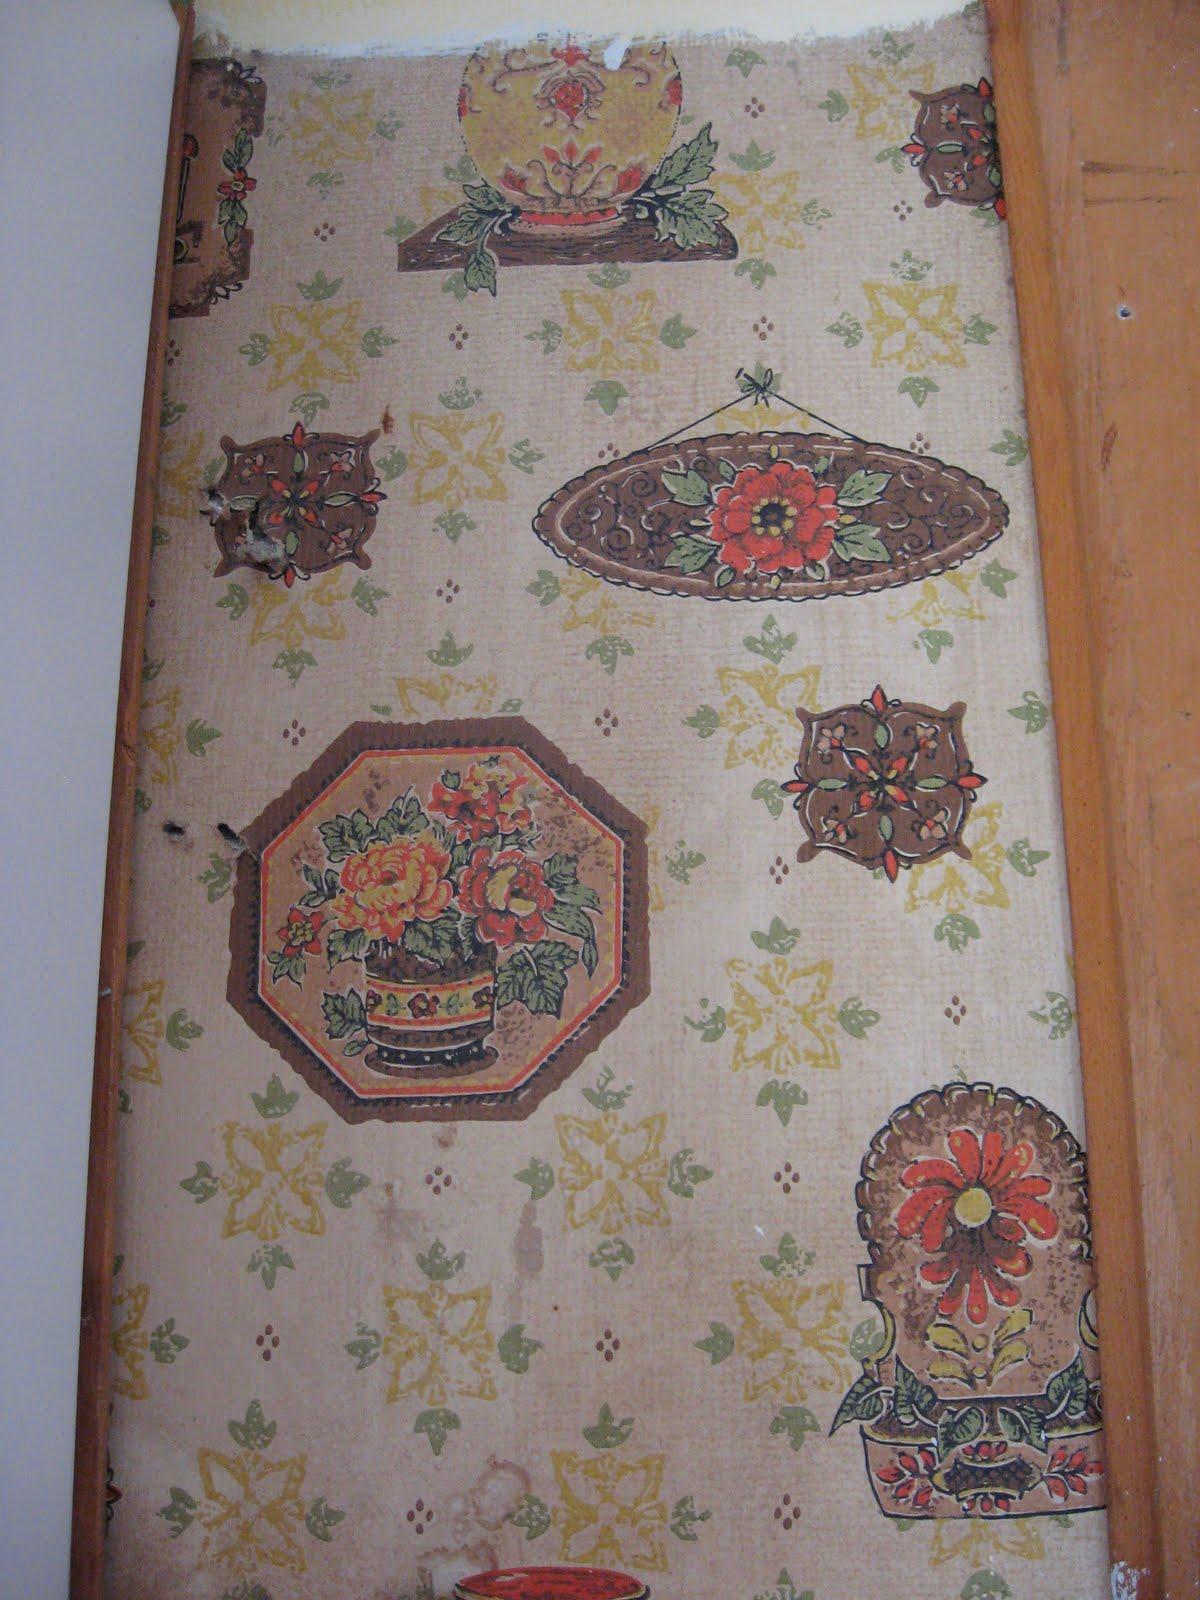 Drywall Repair Drywall Repair After Removing Wallpaper A Paper 1200x1600